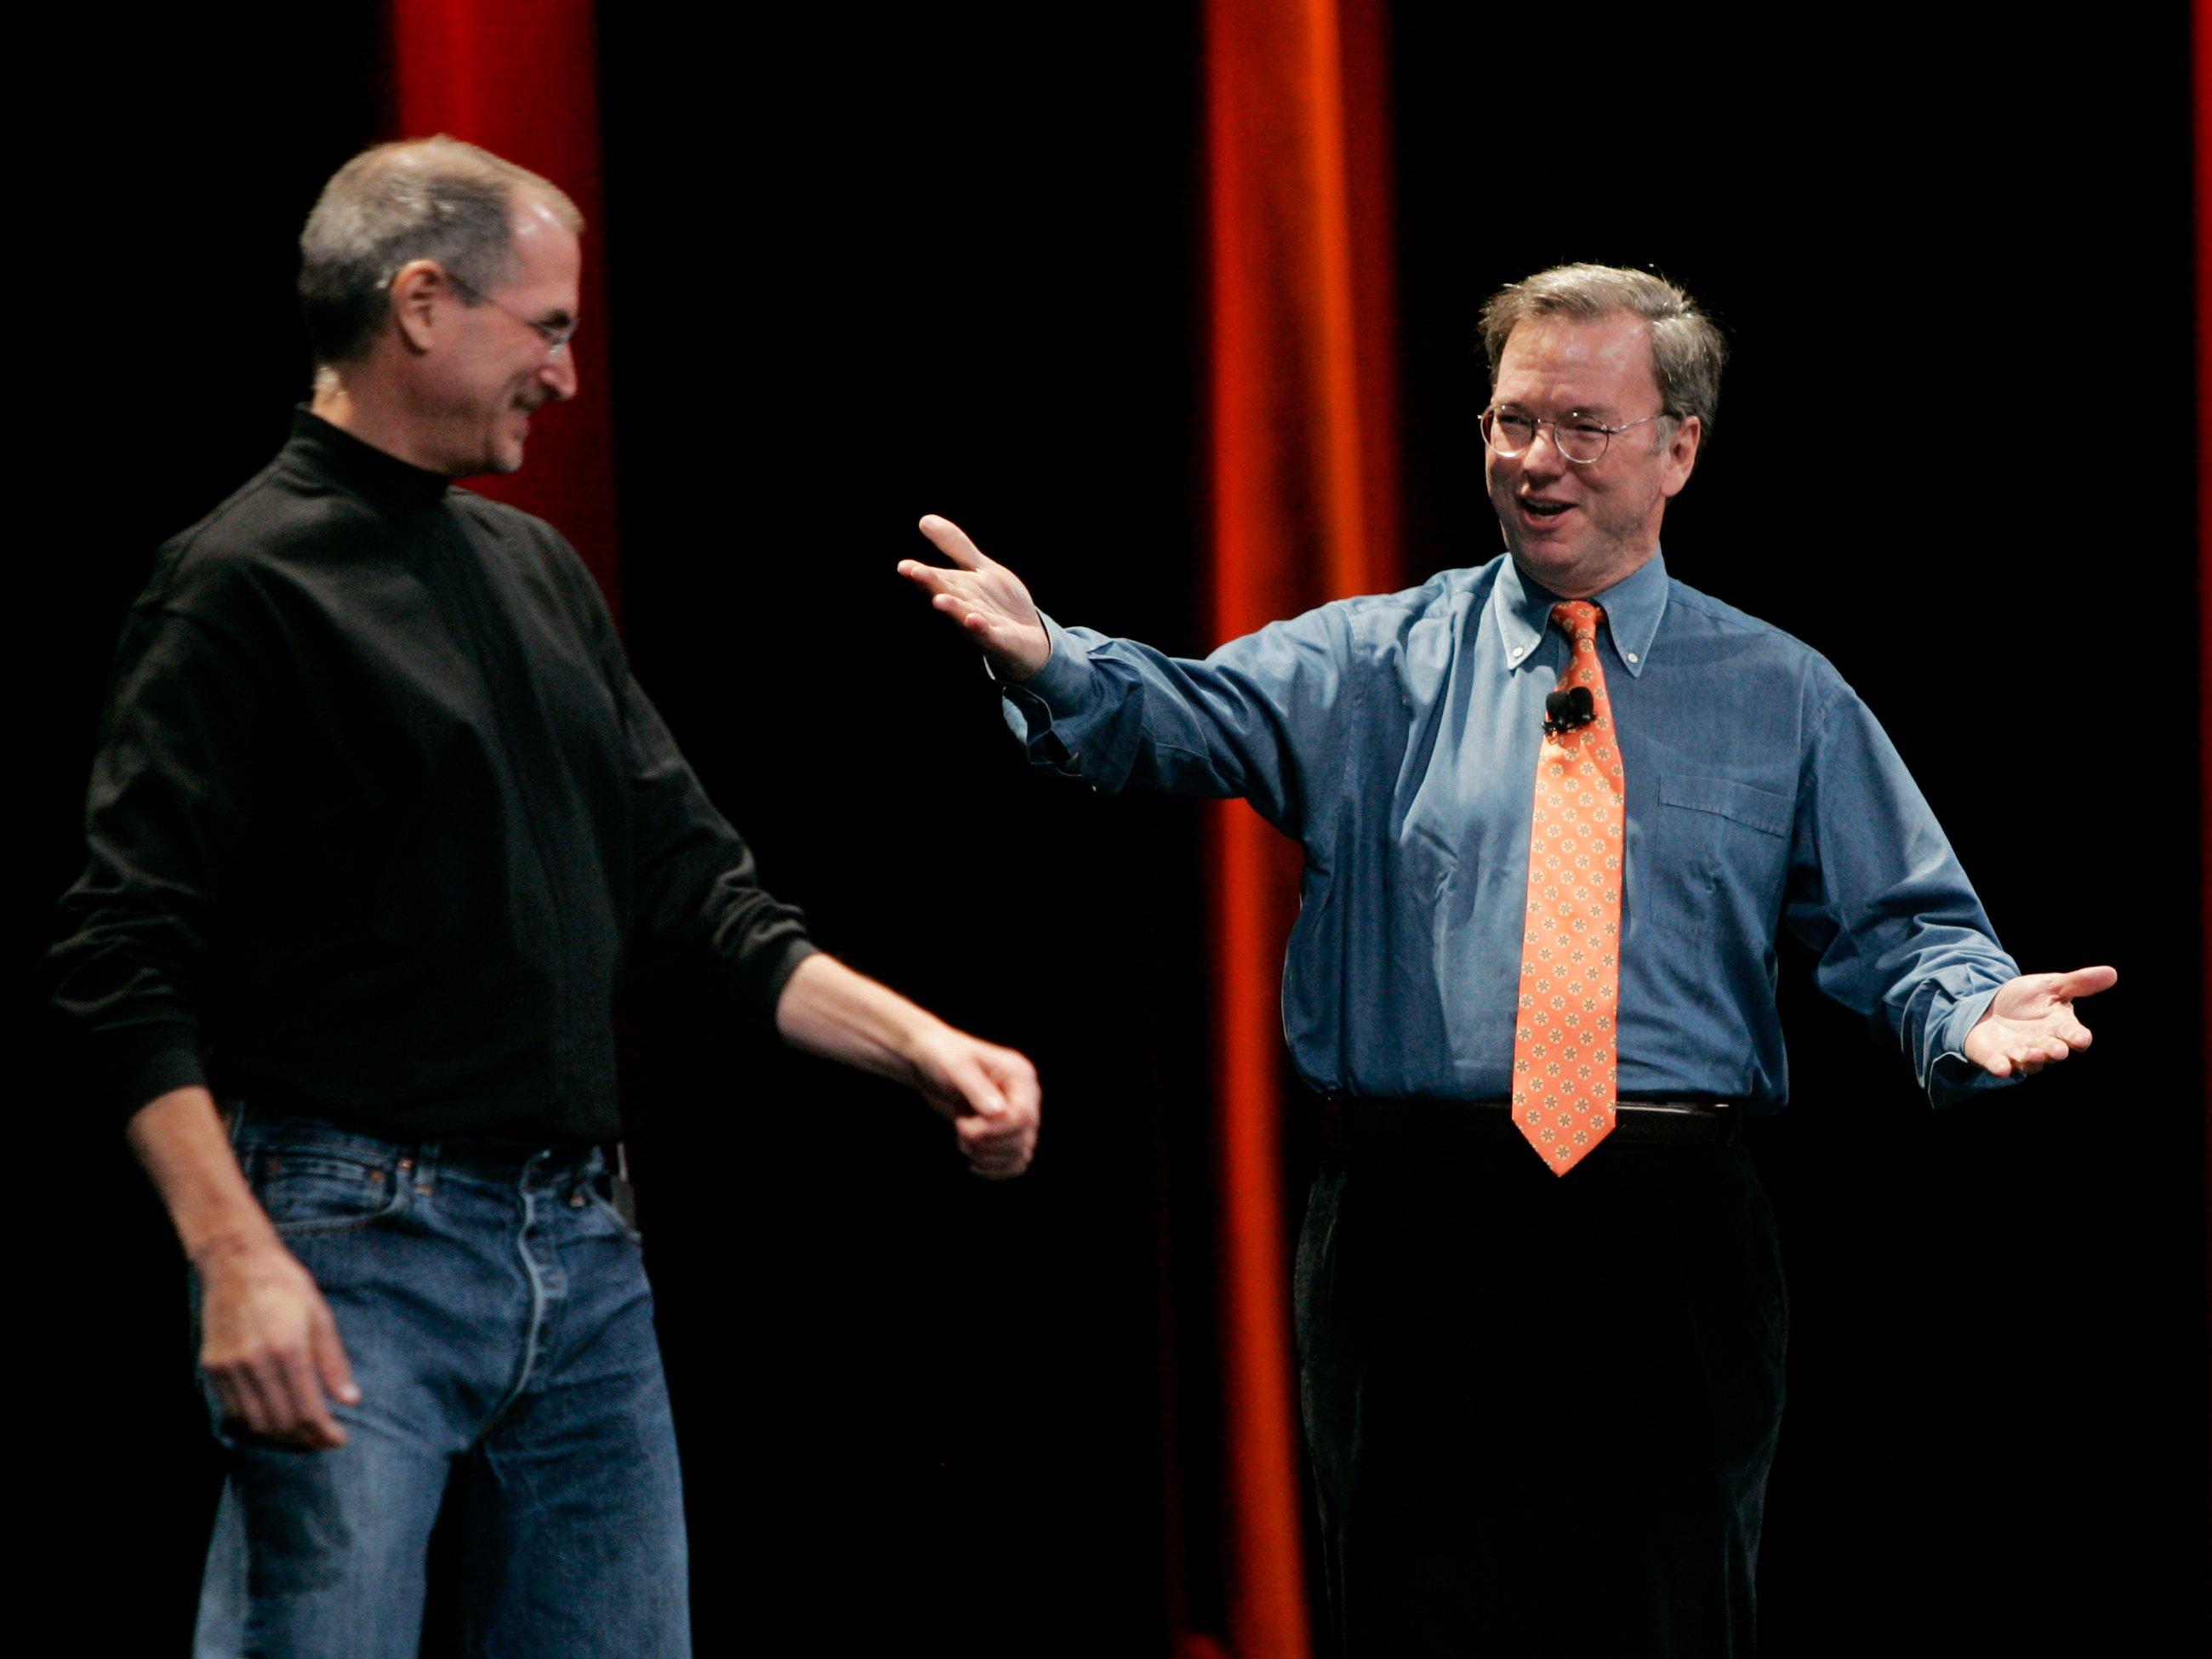 مدیر عامل شرکت اپل استیو جابز، در سمت چپ، و اریک اشمیت، در سمت راست، در حال معرفی آیفون در نمایشگاه سانفرانسیسکو در سال 2007